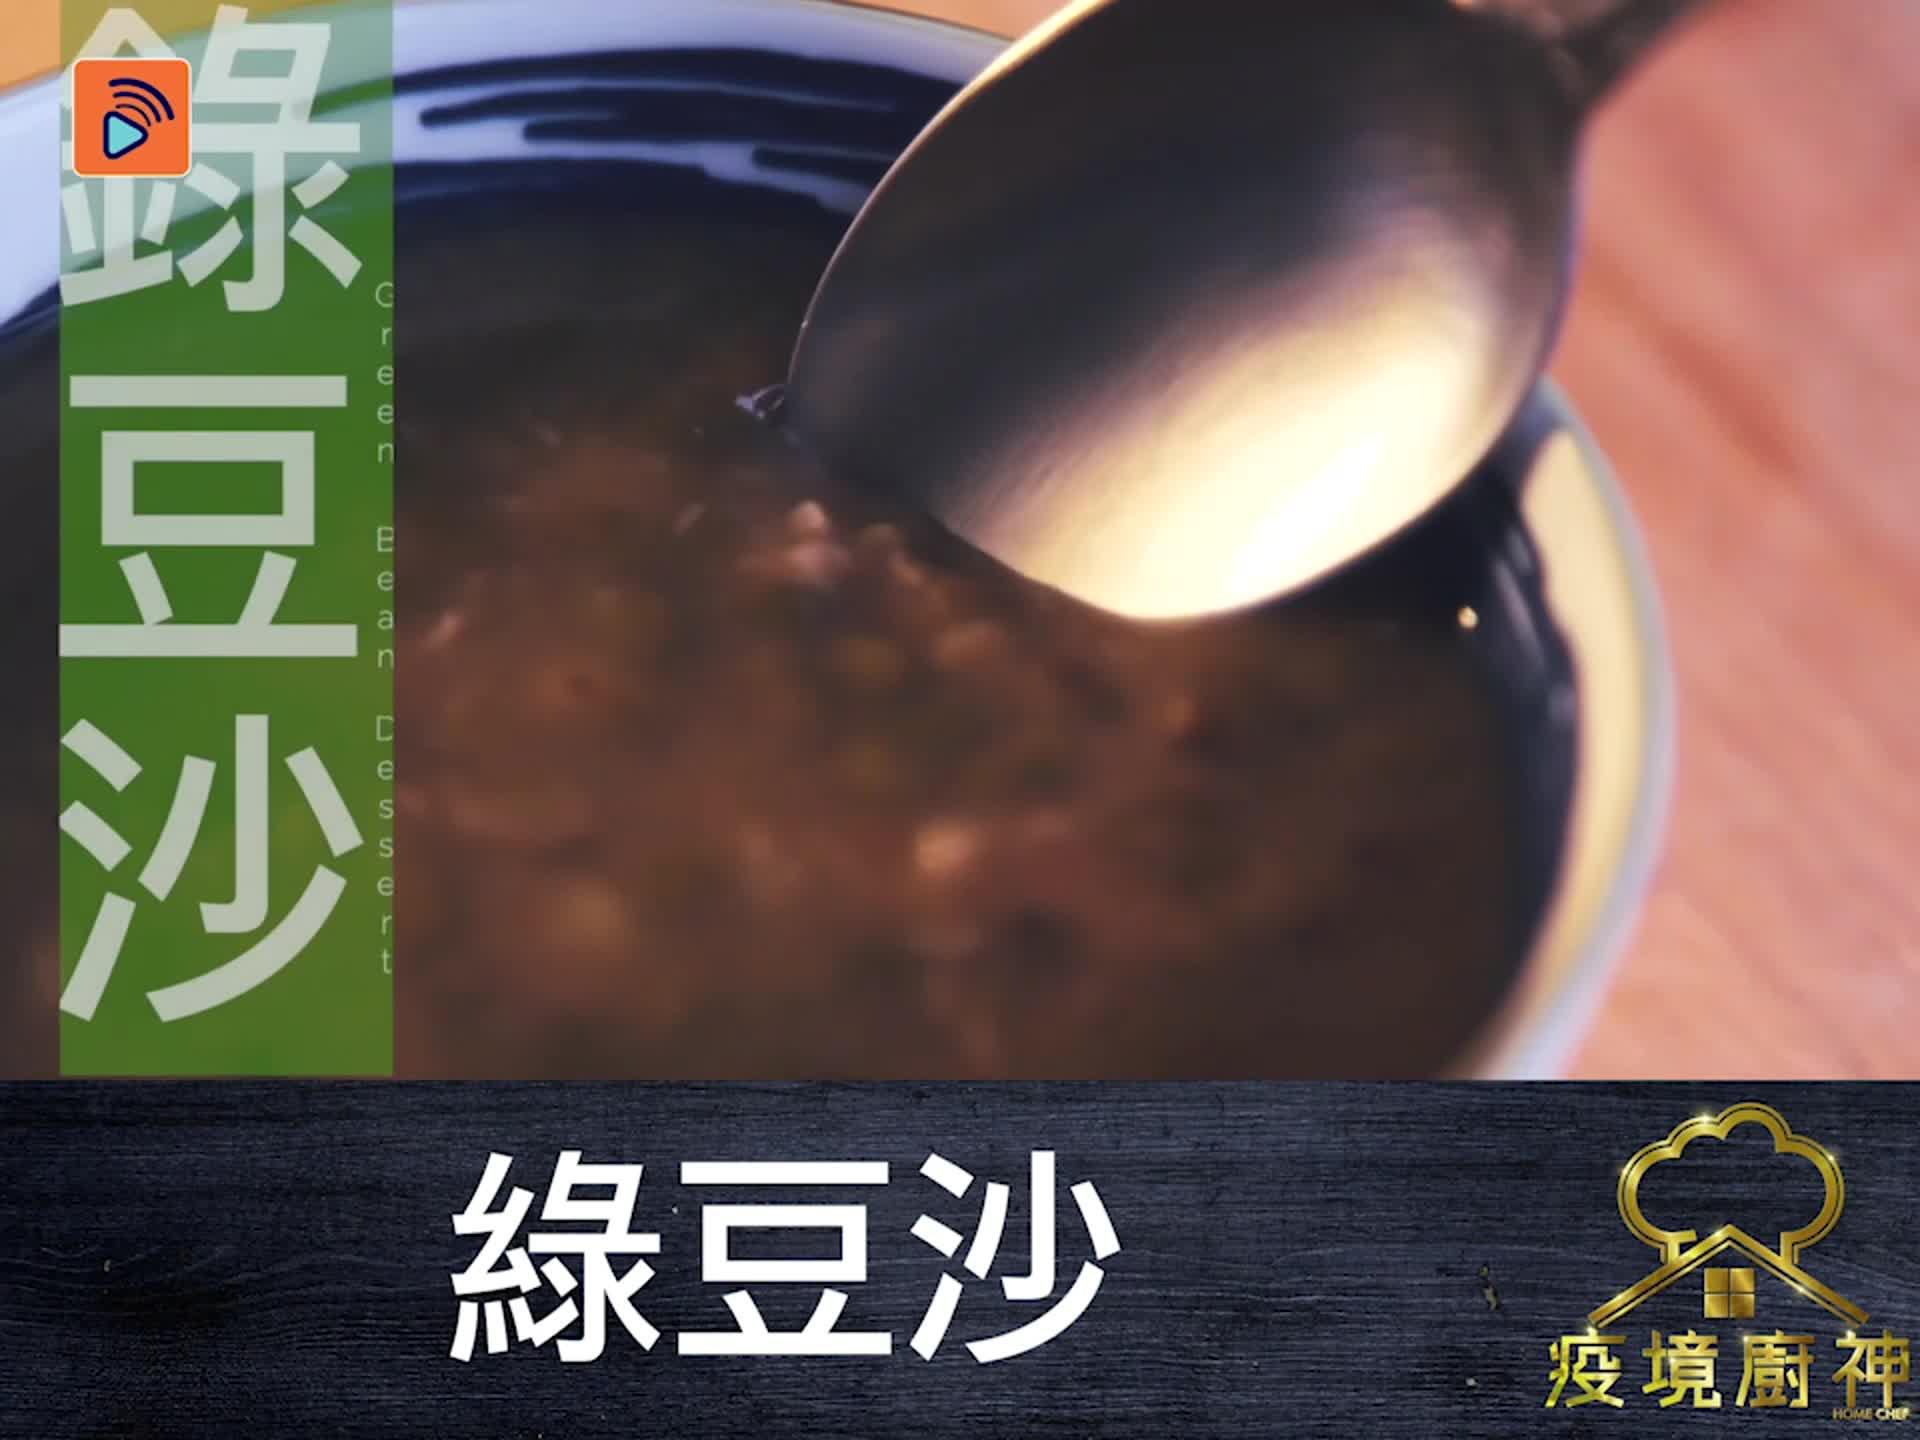 【綠豆沙】傳統清熱解毒甜品!竟然用英文教煮咁型?!